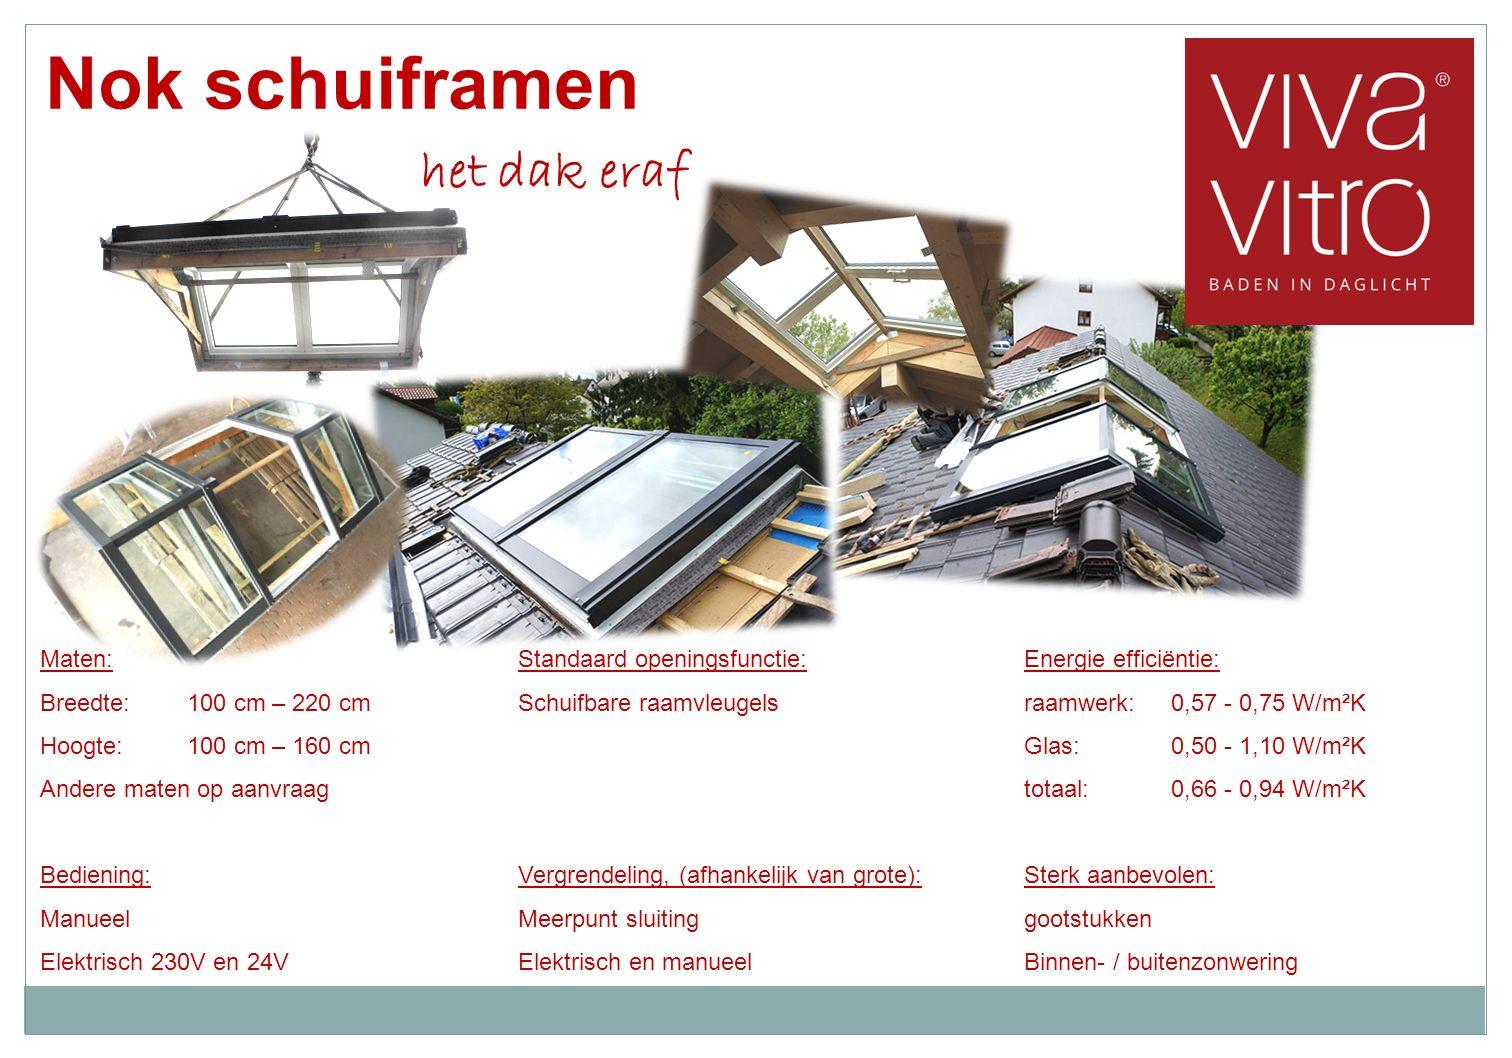 Nok schuiframen het dak eraf Energie efficiëntie: raamwerk:0,57 - 0,75 W/m²K Glas:0,50 - 1,10 W/m²K totaal:0,66 - 0,94 W/m²K Sterk aanbevolen: gootstukken Binnen- / buitenzonwering Standaard openingsfunctie: Schuifbare raamvleugels Vergrendeling, (afhankelijk van grote): Meerpunt sluiting Elektrisch en manueel Maten: Breedte:100 cm – 220 cm Hoogte:100 cm – 160 cm Andere maten op aanvraag Bediening: Manueel Elektrisch 230V en 24V